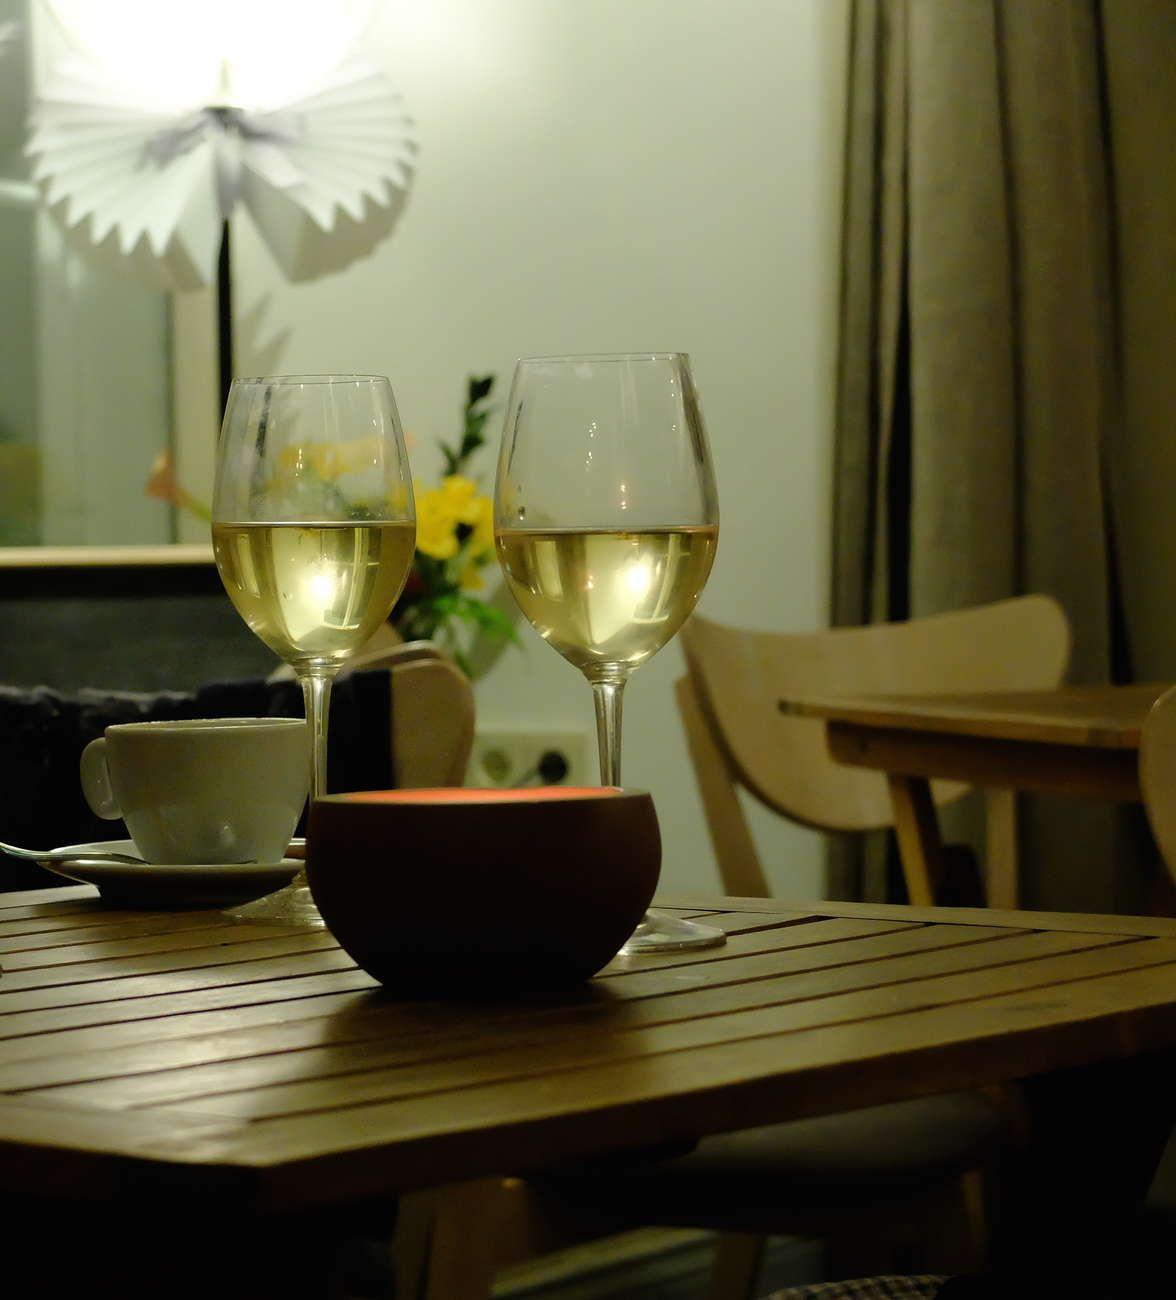 Wine Not? on uusi tapasbaari ja viinikauppa Lai-kadulla. Paikan tunnelmaa on kehuttu miellyttäväksi ja viinejä on mahdollisuus maistella ennen ostopäätöksen tekemistä. #eckeröline #tallinna #winenot